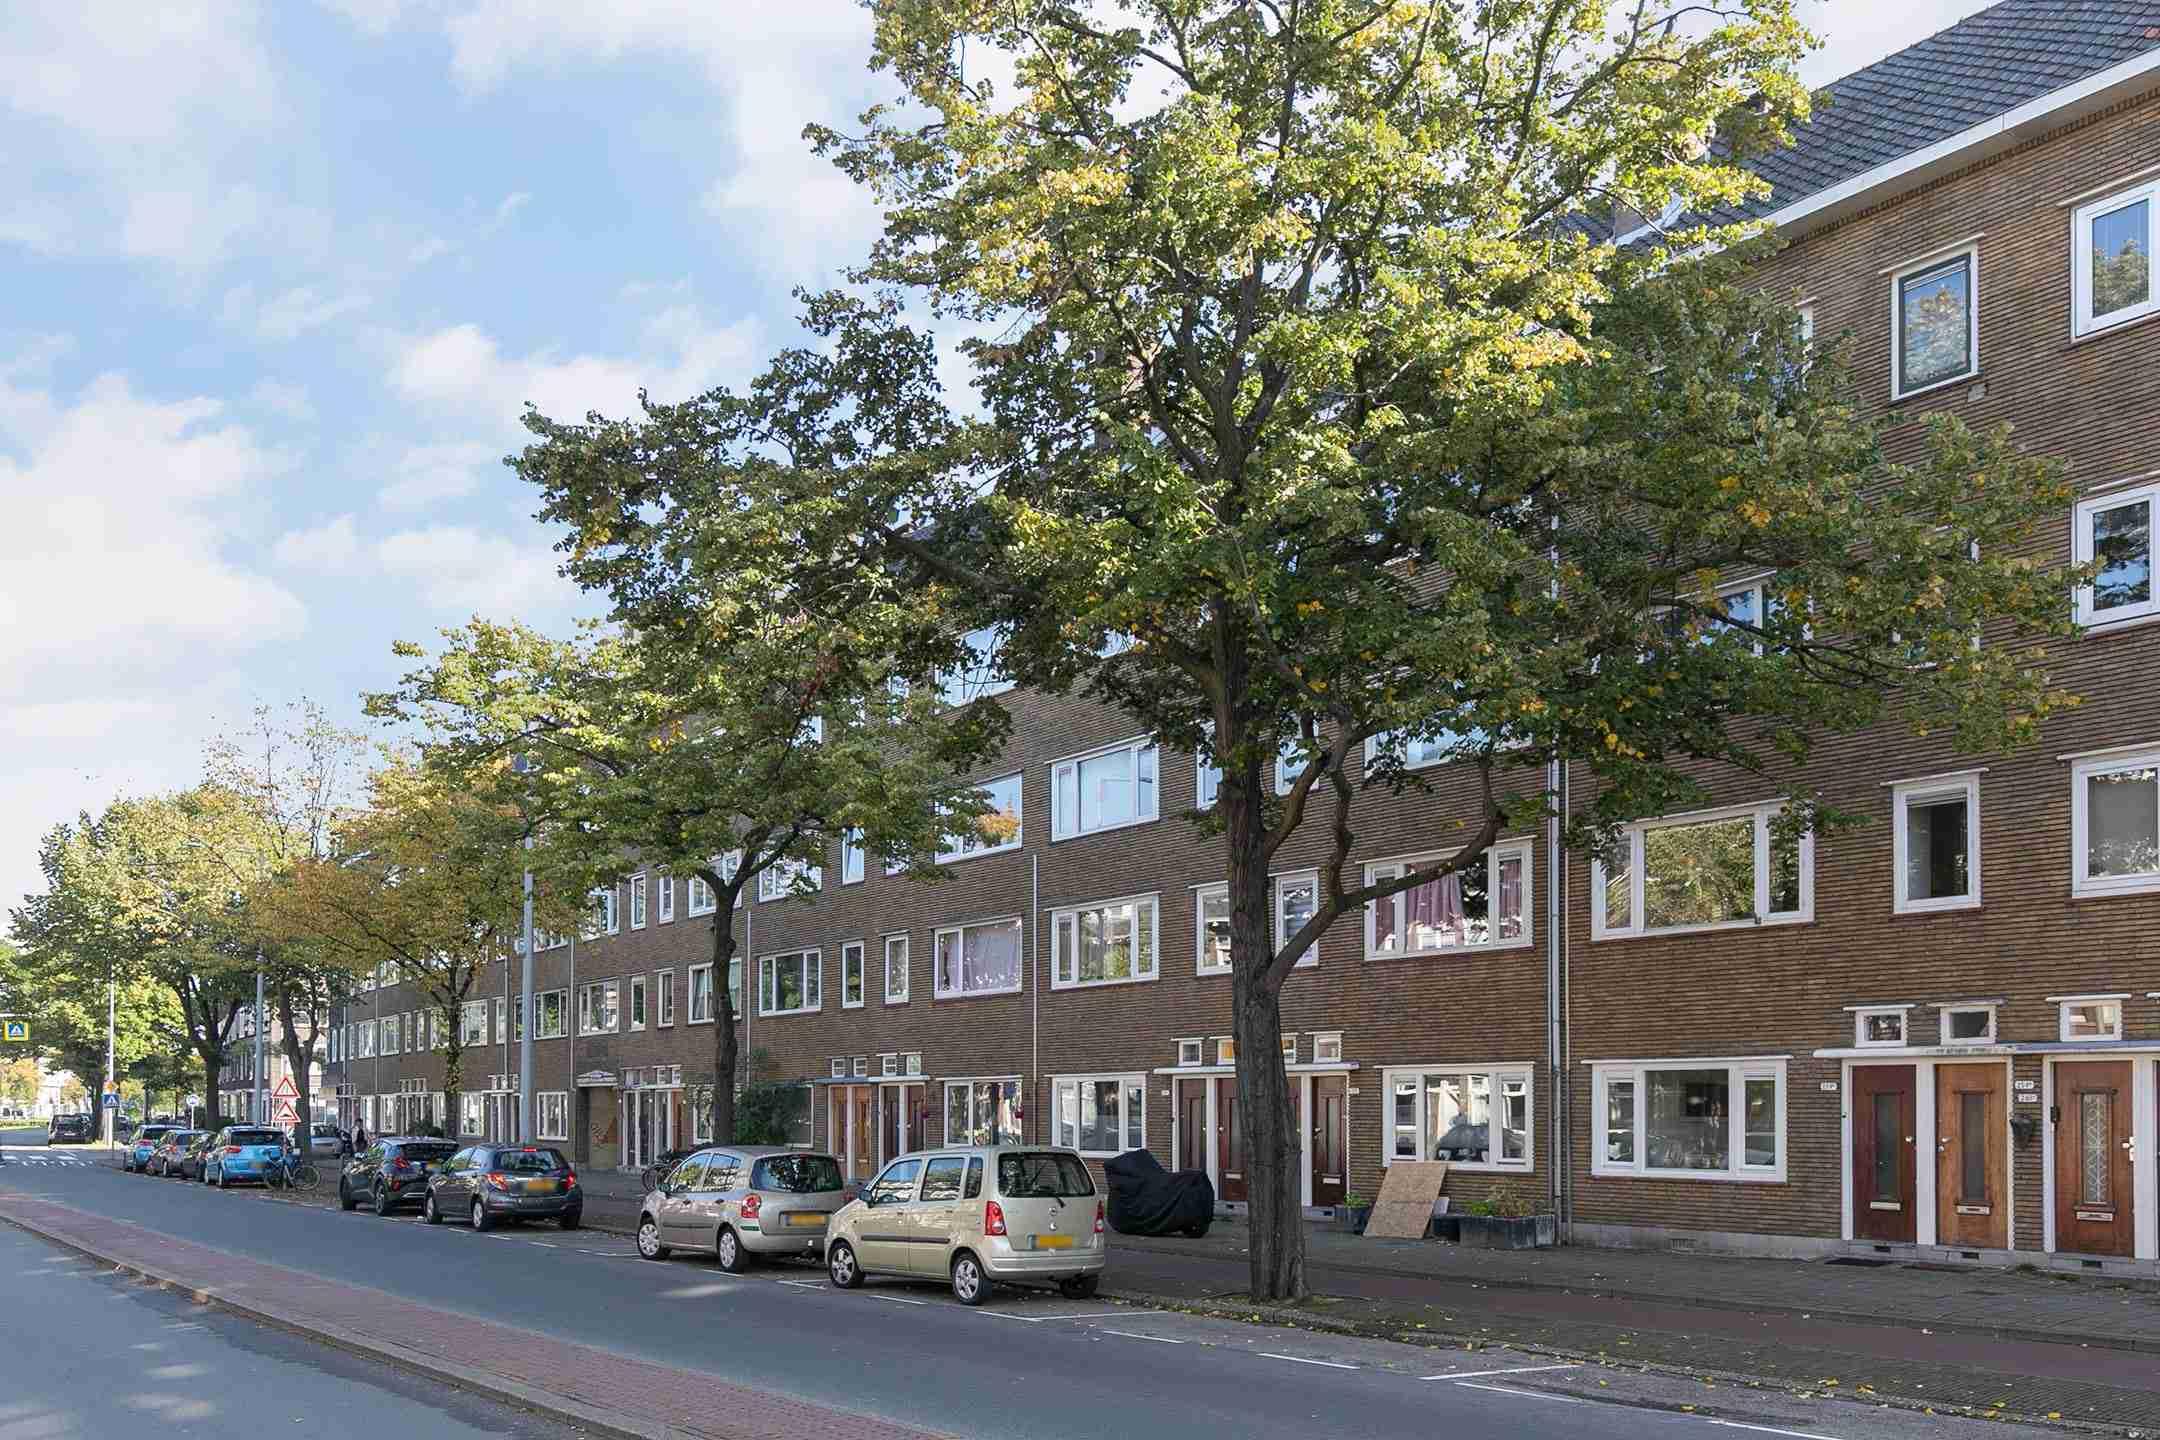 Burgemeester Knappertlaan 259 a 3116 JH Schiedam | Haverschmidtkwartier